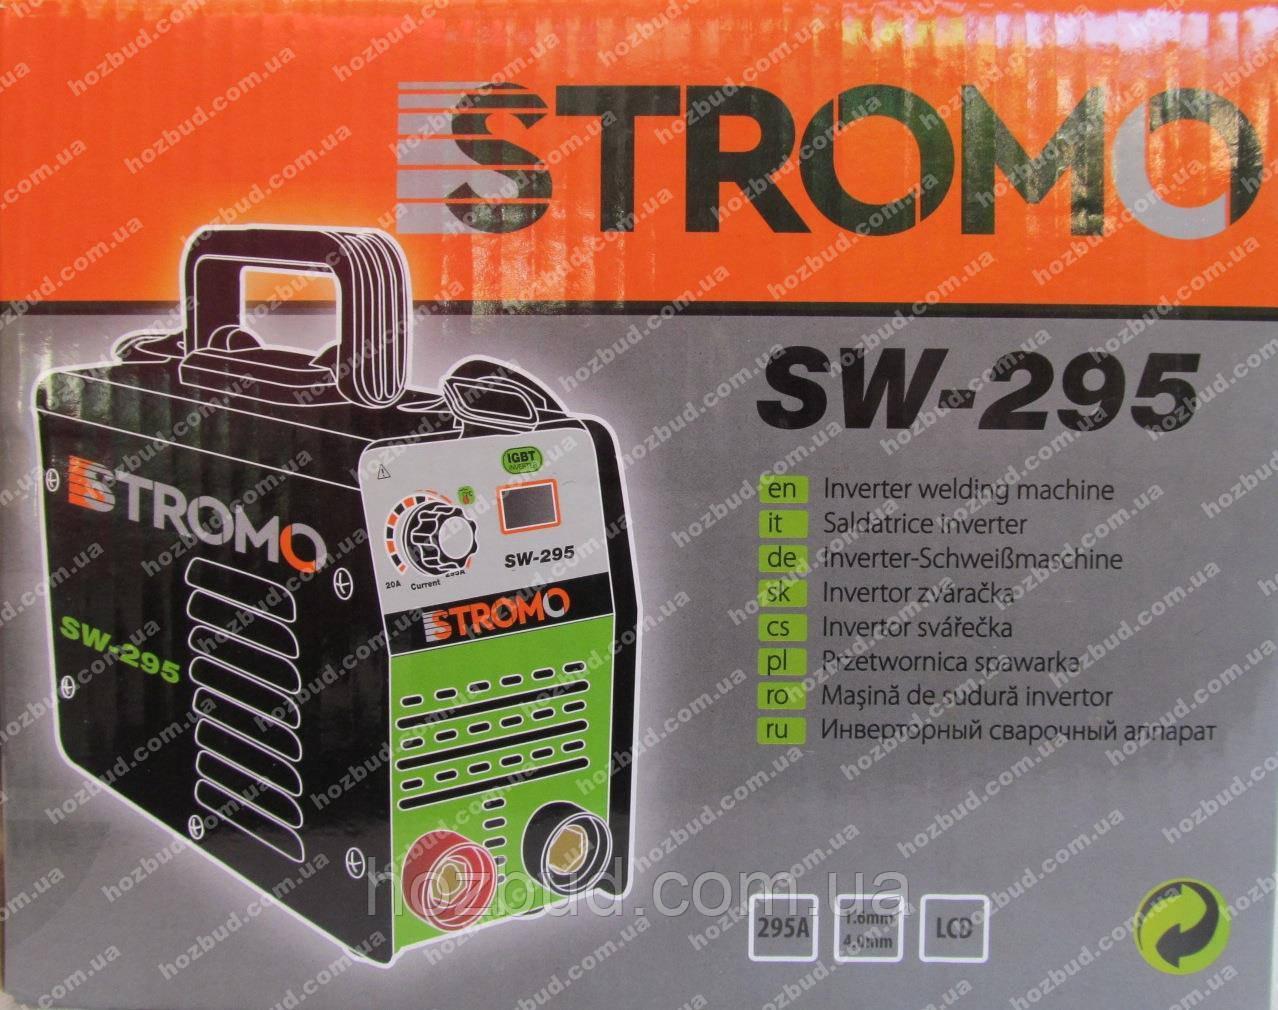 Сварочный аппарат STROMO SW295